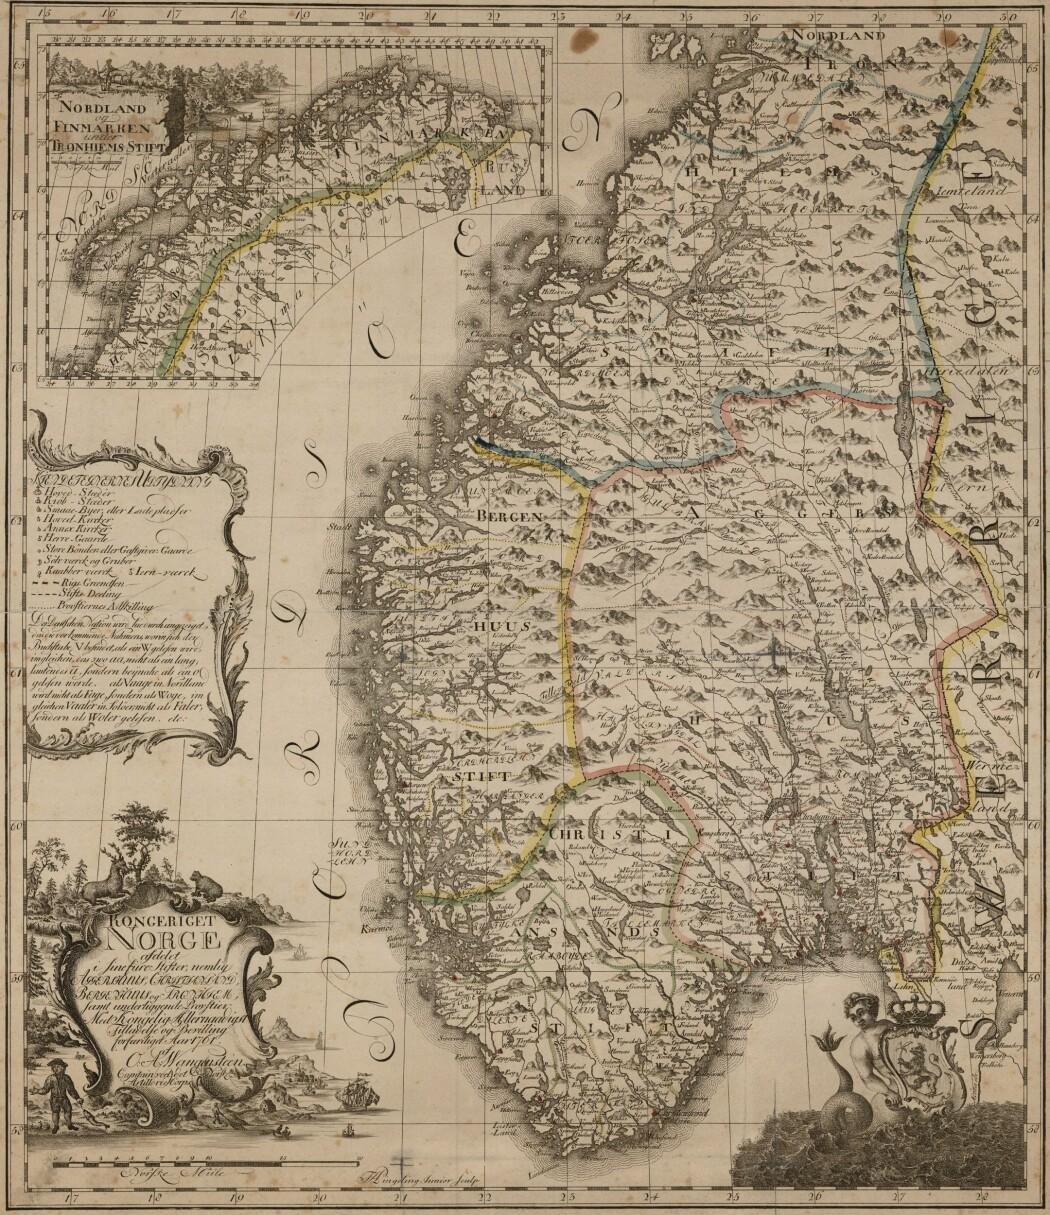 Slik tegnet Ove Andreas Wangensteen Norge i 1761. (Kart: Kartverket)